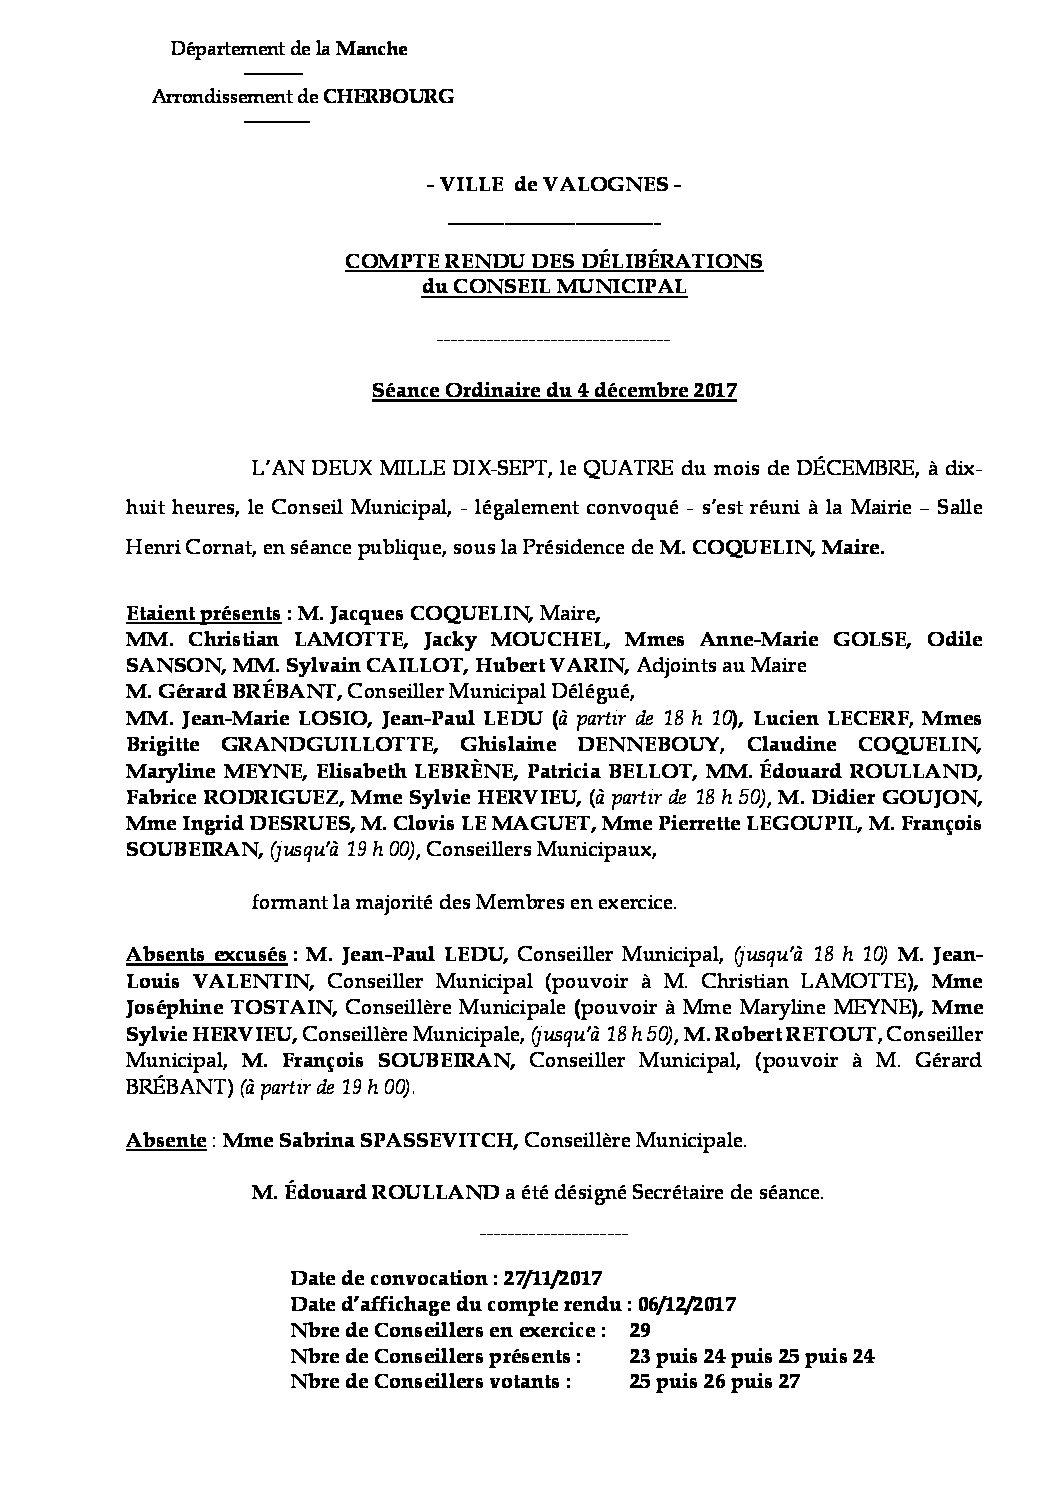 Extrait du registre des délibérations du 04-12-2017 - Compte-rendu synthétique des questions soumises à délibération lors de la séance du Conseil Municipal du 4 décembre 2017.